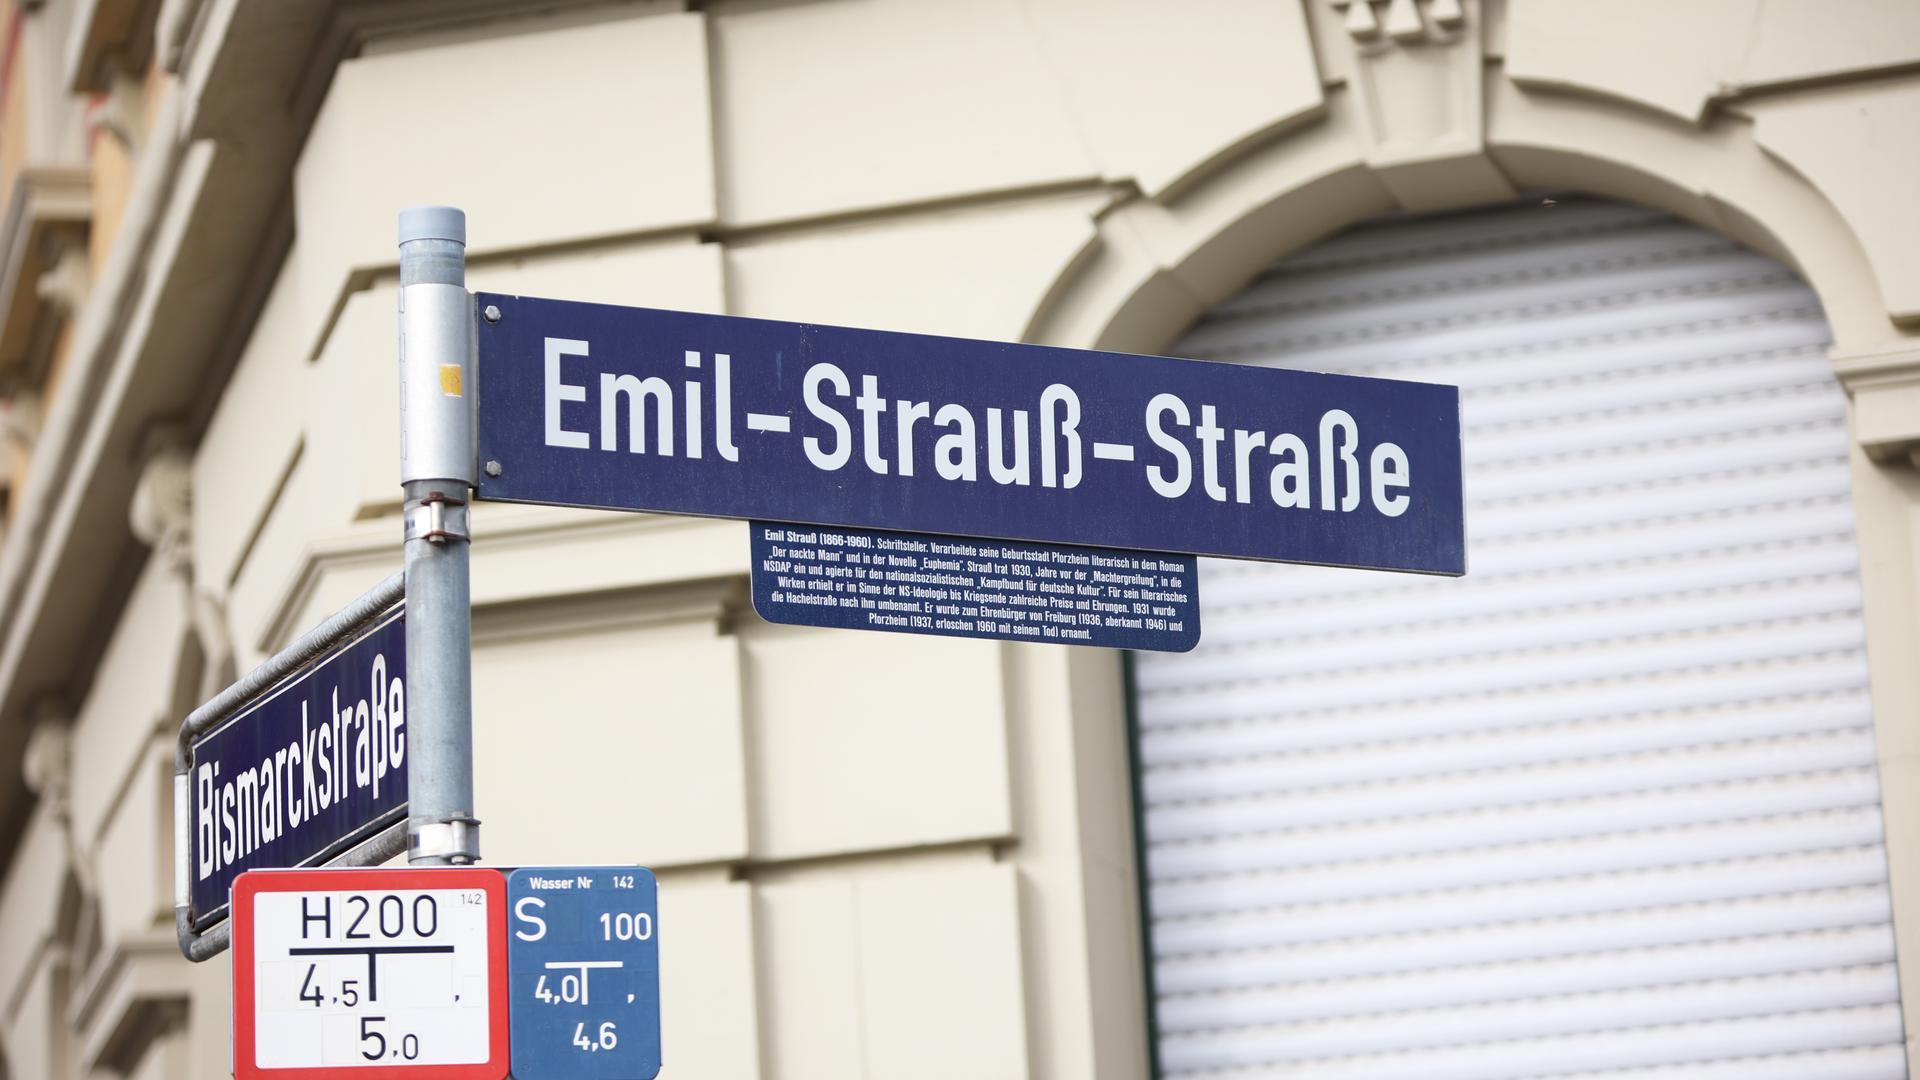 Die Straßenecke Bismarckstraße und Emil-Strauß-Straße in der Pforzheimer Innenstadt